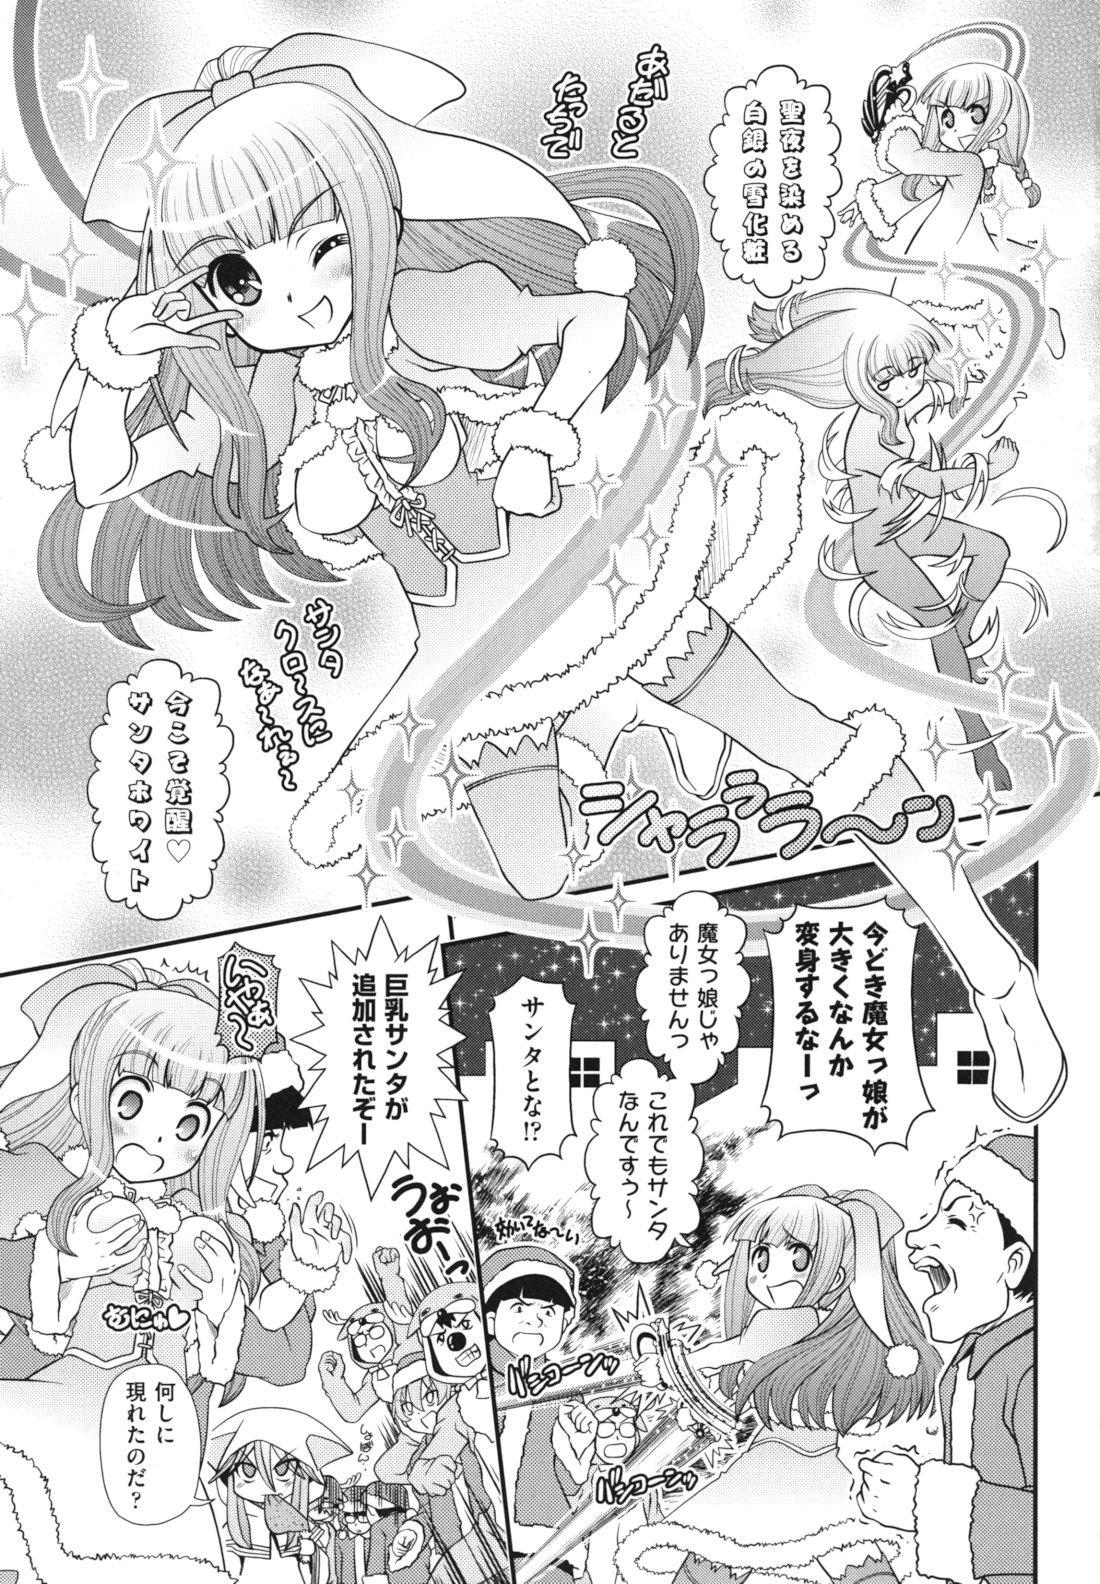 Twintail de Kneesocks no Onnanoko tachi ga Kyakkya de Ufufu♥ 115